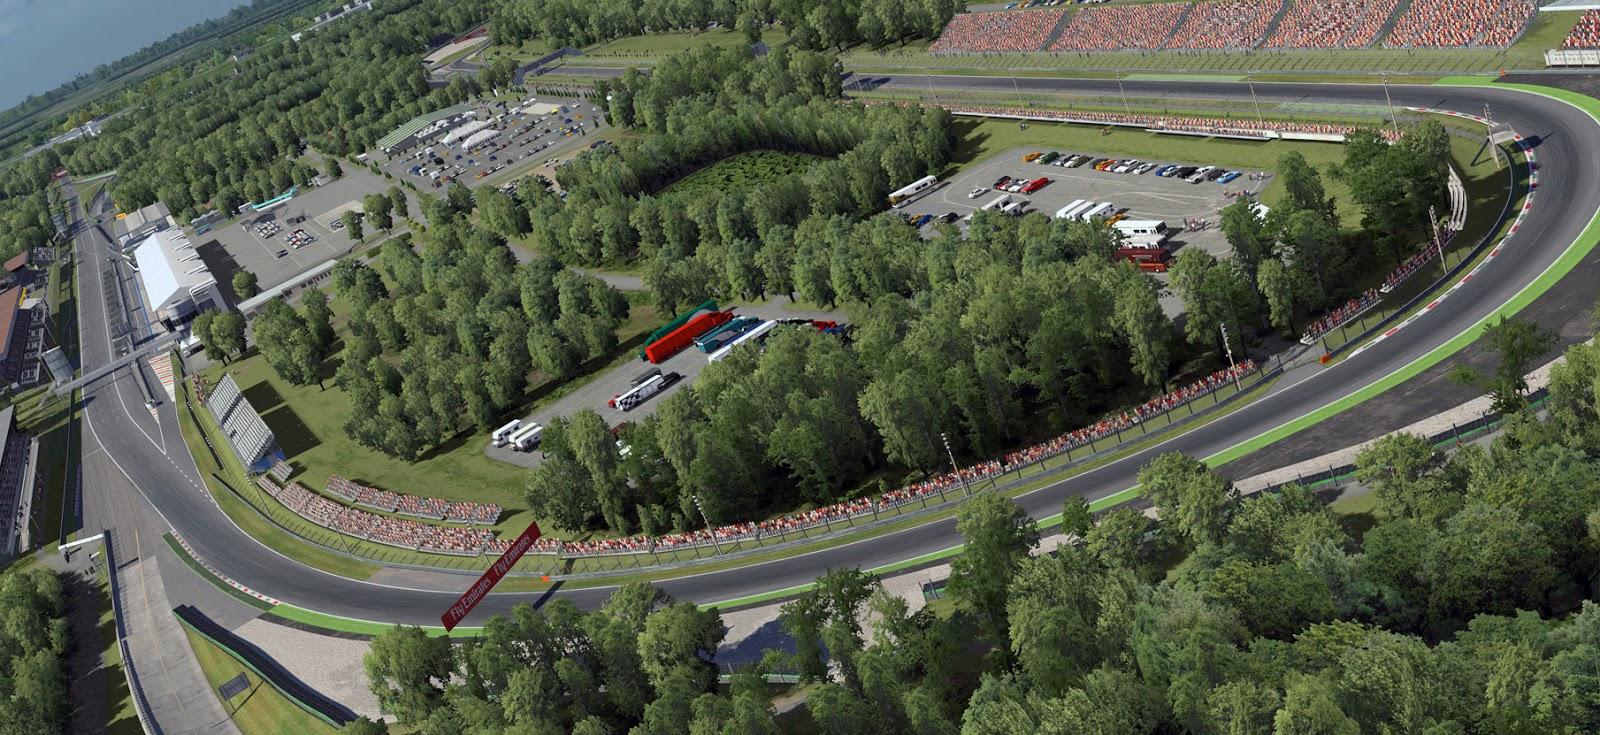 Circuito Monza : Getting there around italian grand prix at monza